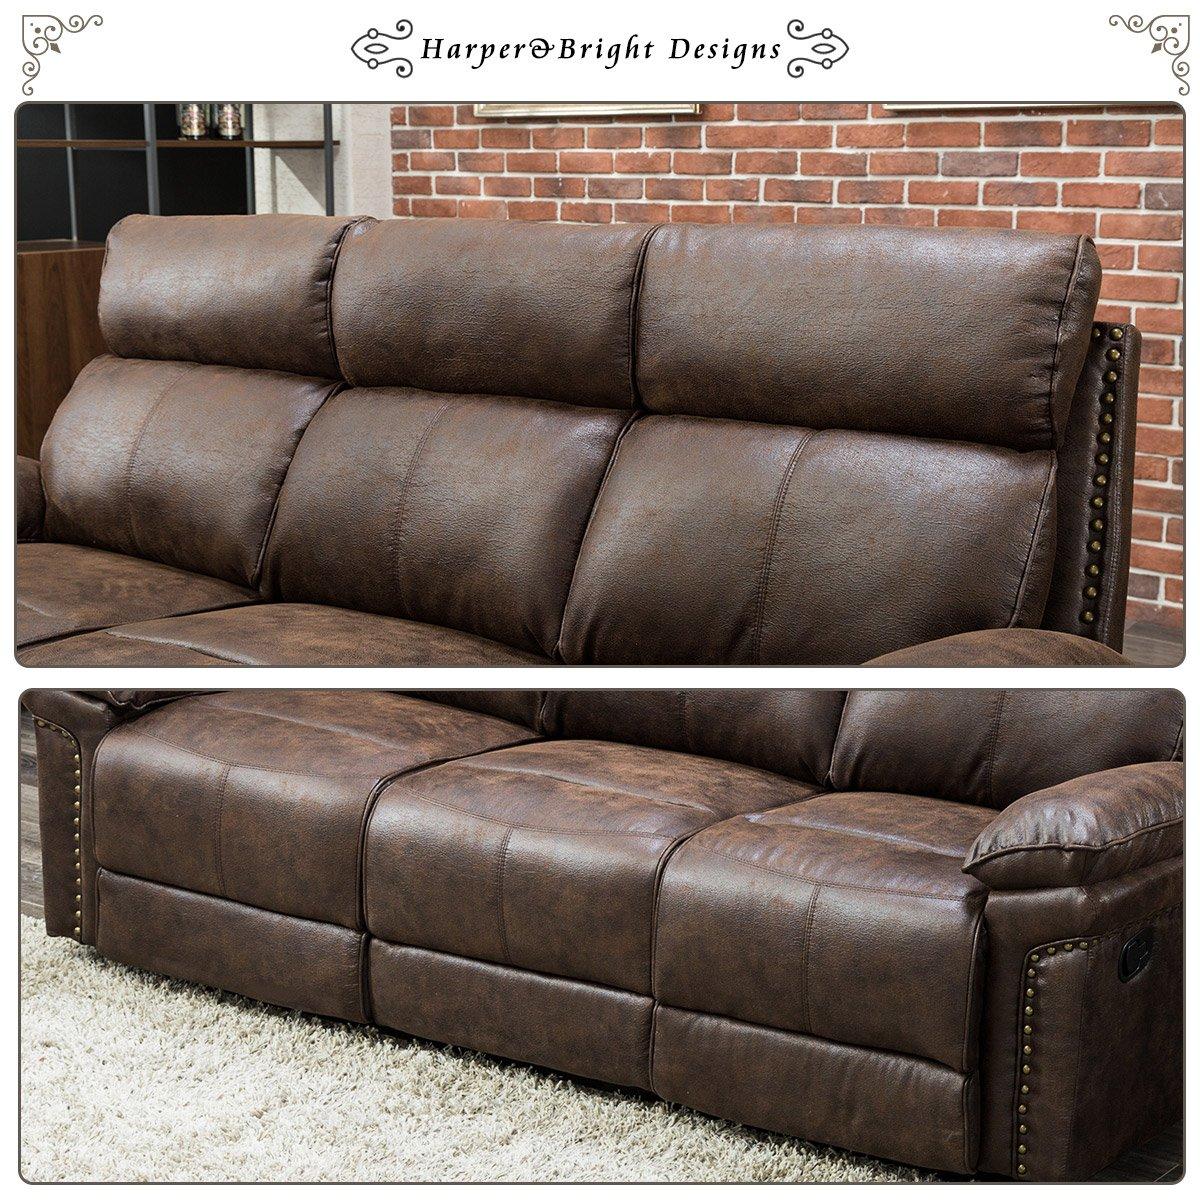 Amazon.com: Harper & Bright Designs - Juego de sofás ...